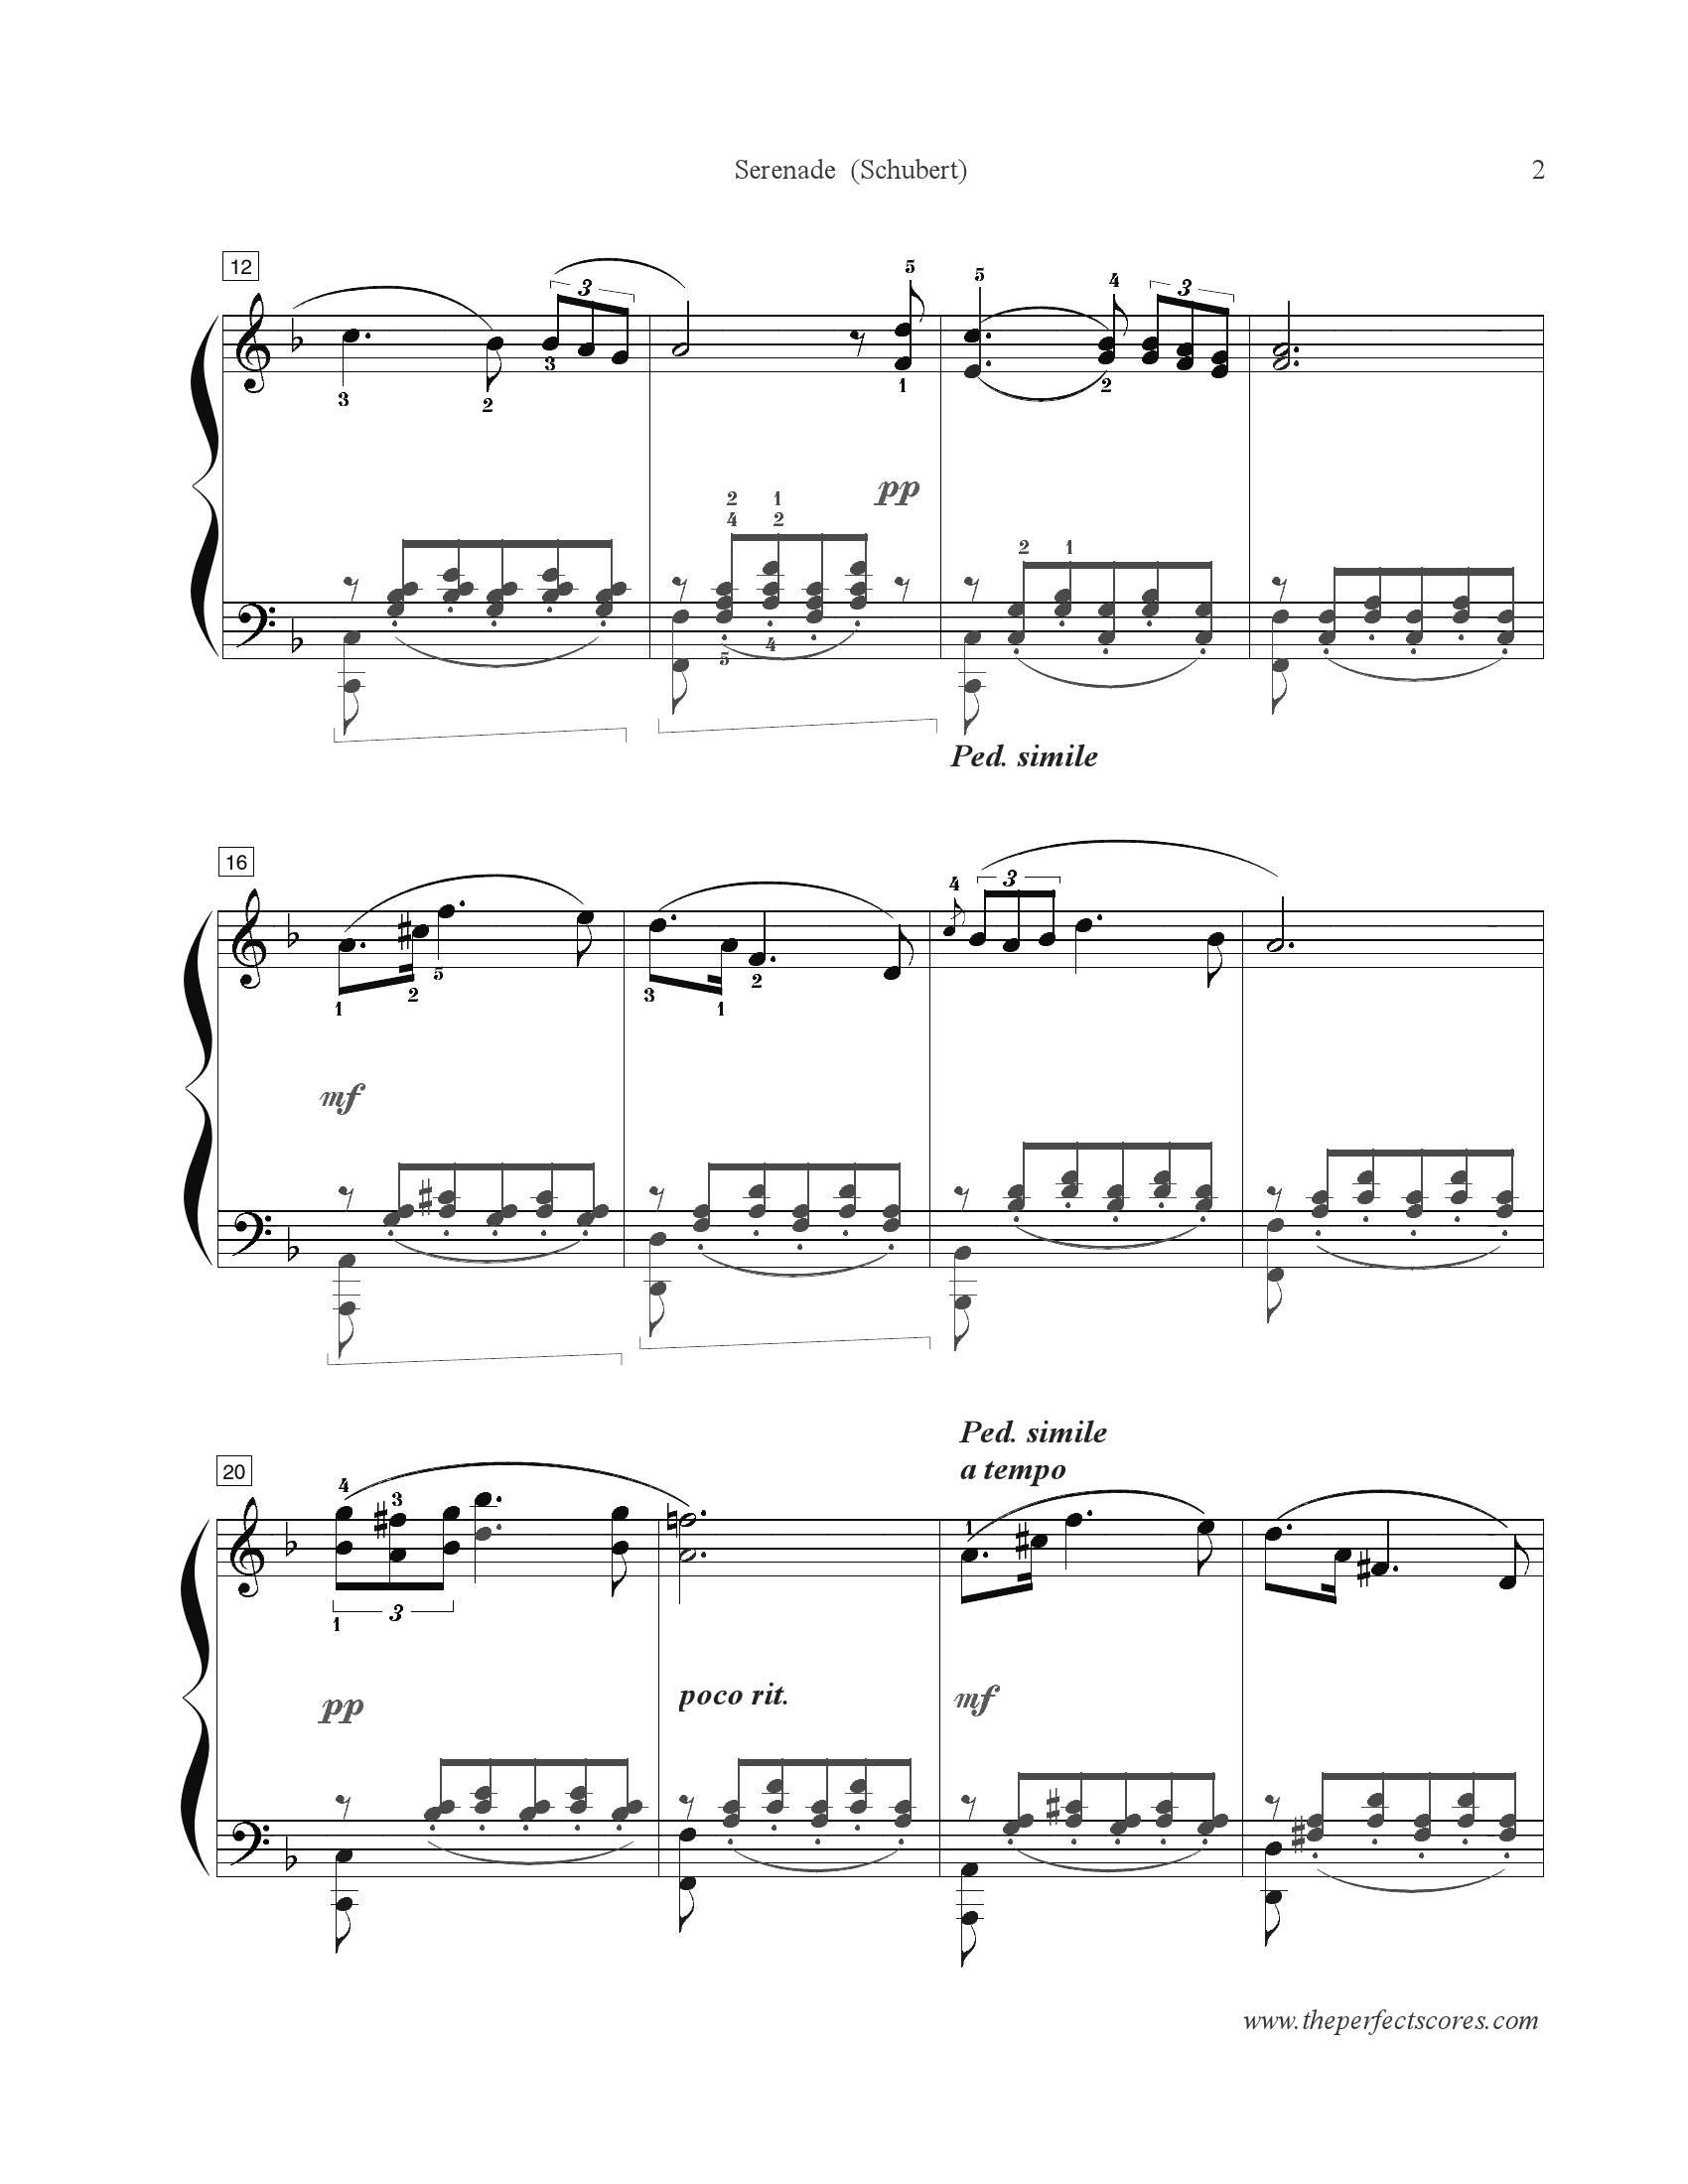 Schubert Serenade2 - نت آهنگ Serenade از Schubert